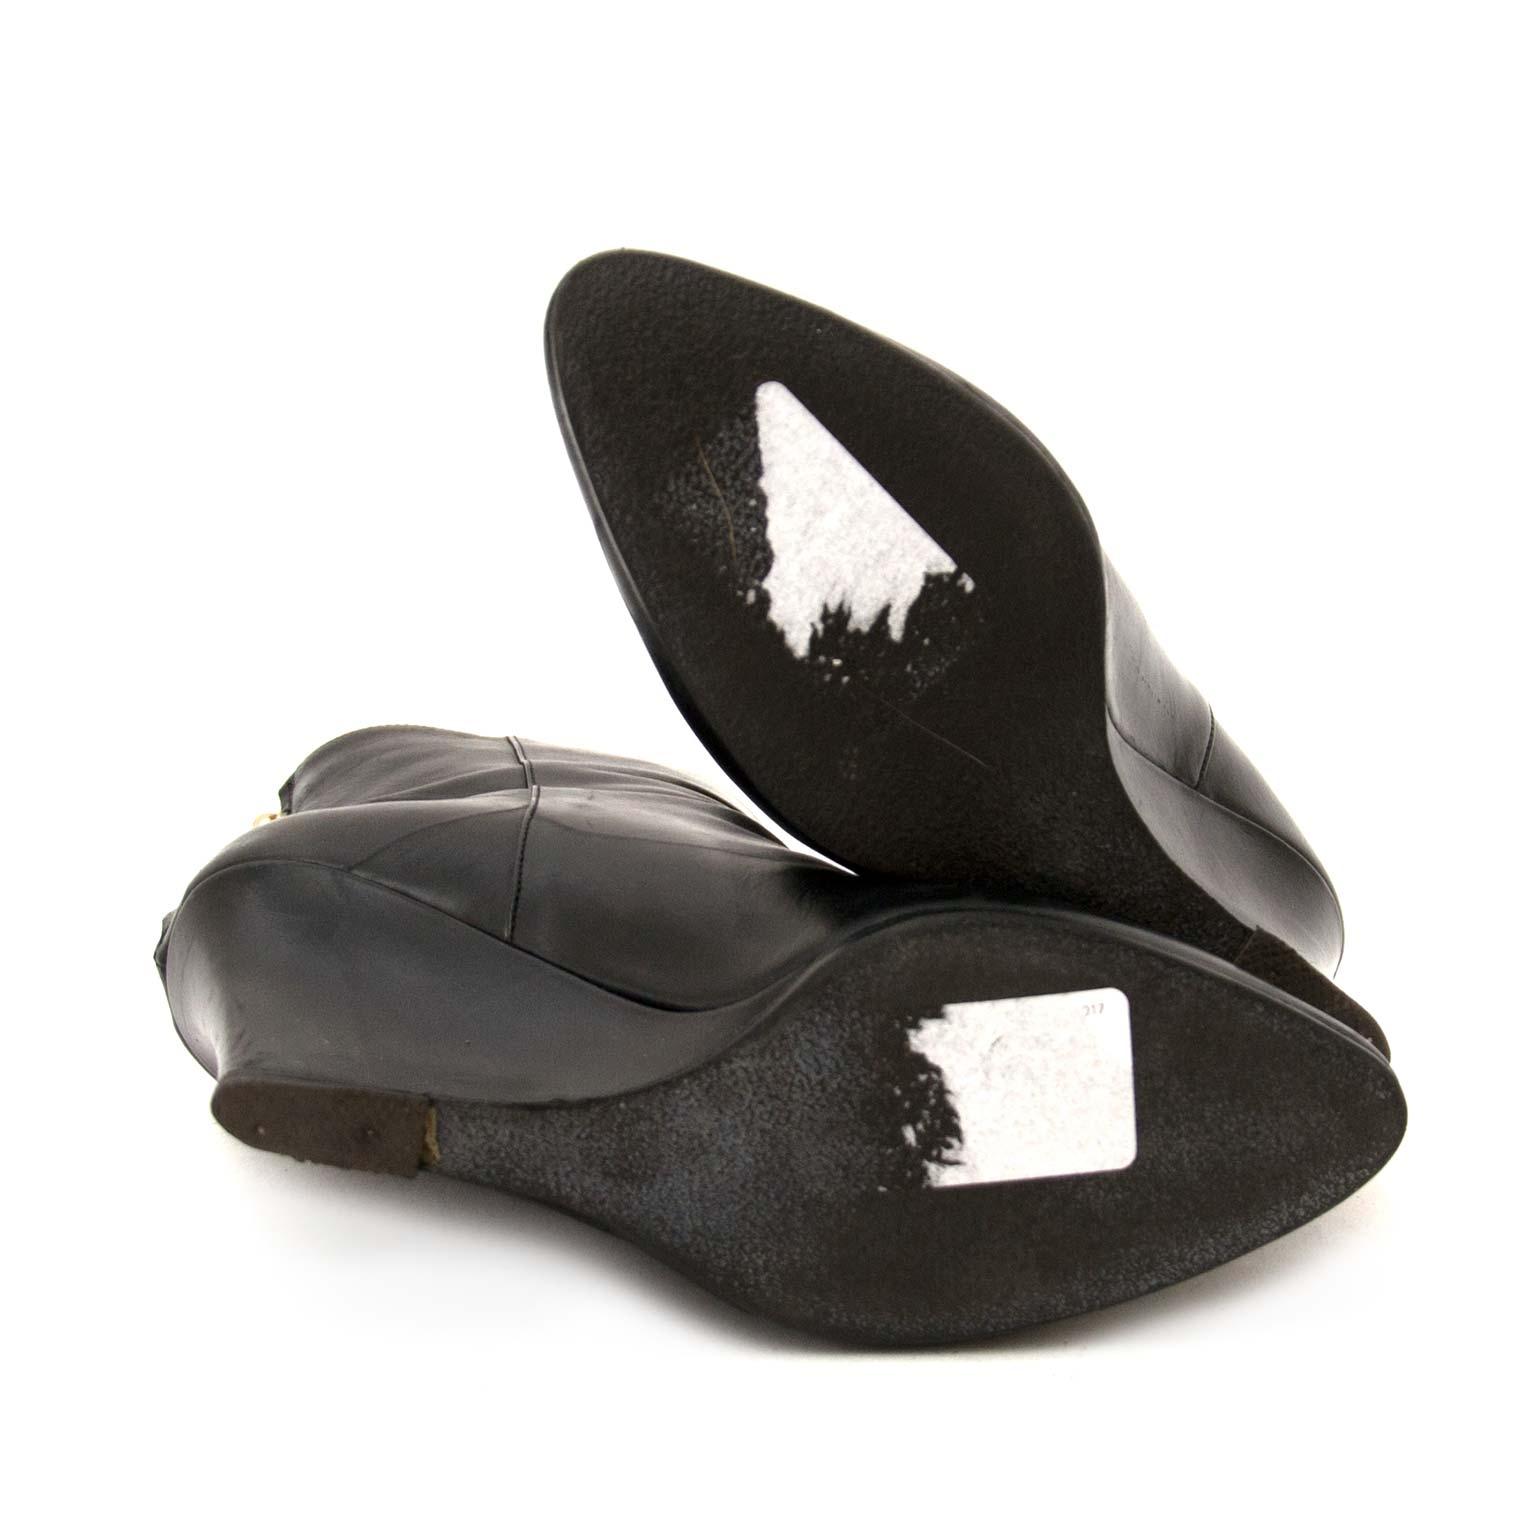 Alaia Black Embroid Boots - Size 37 online tweedehands aan de beste prijs